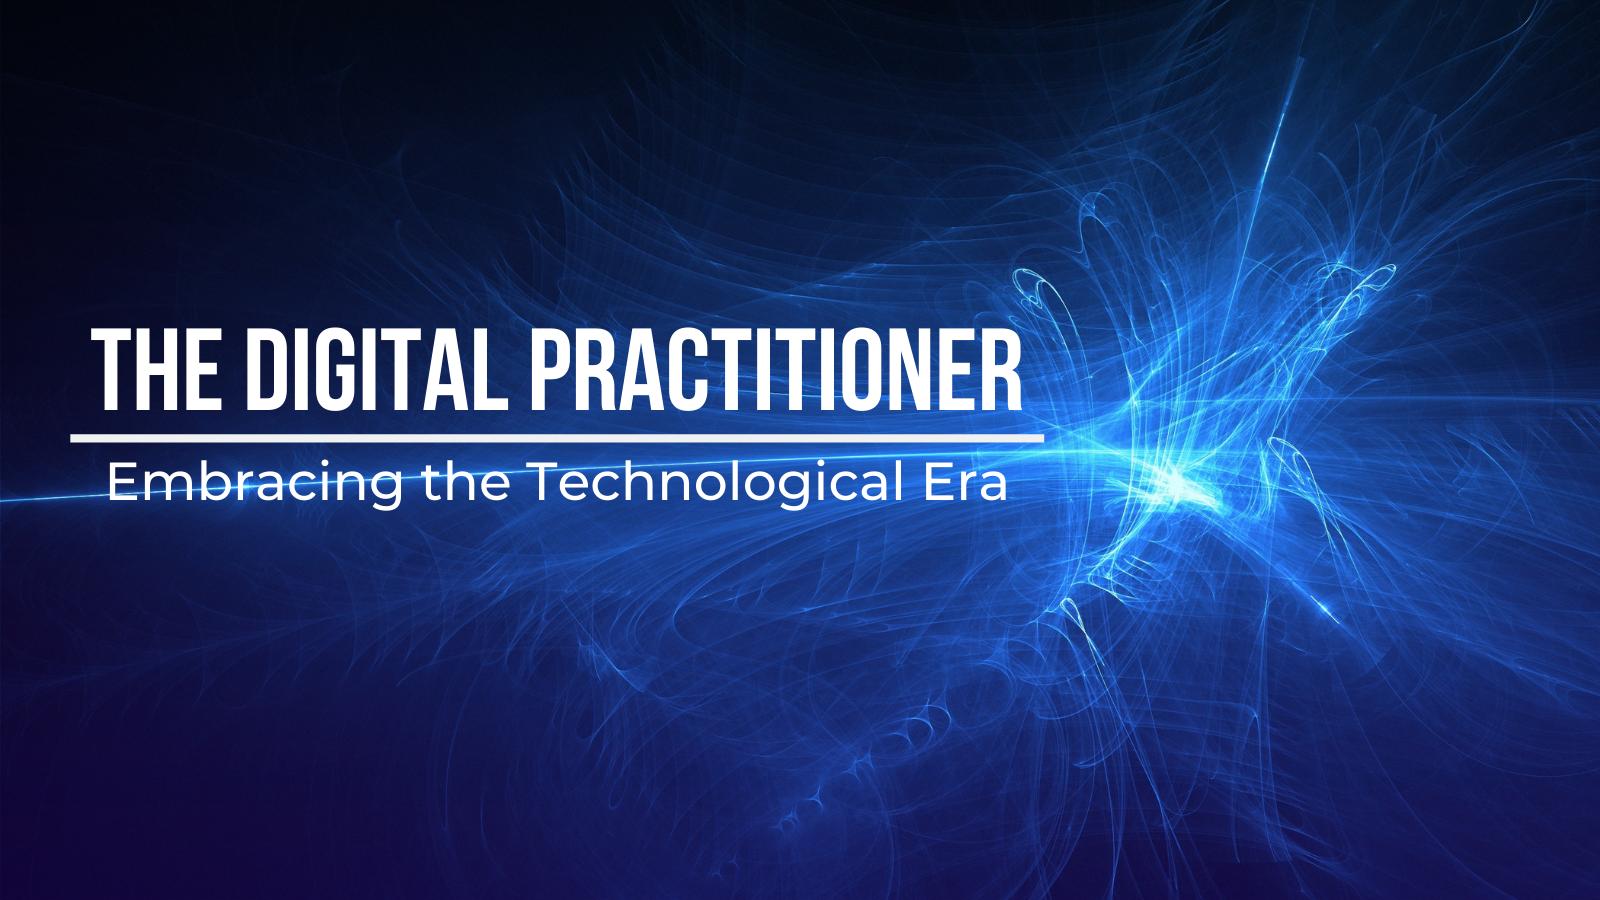 Digital Practitioner Blog Image